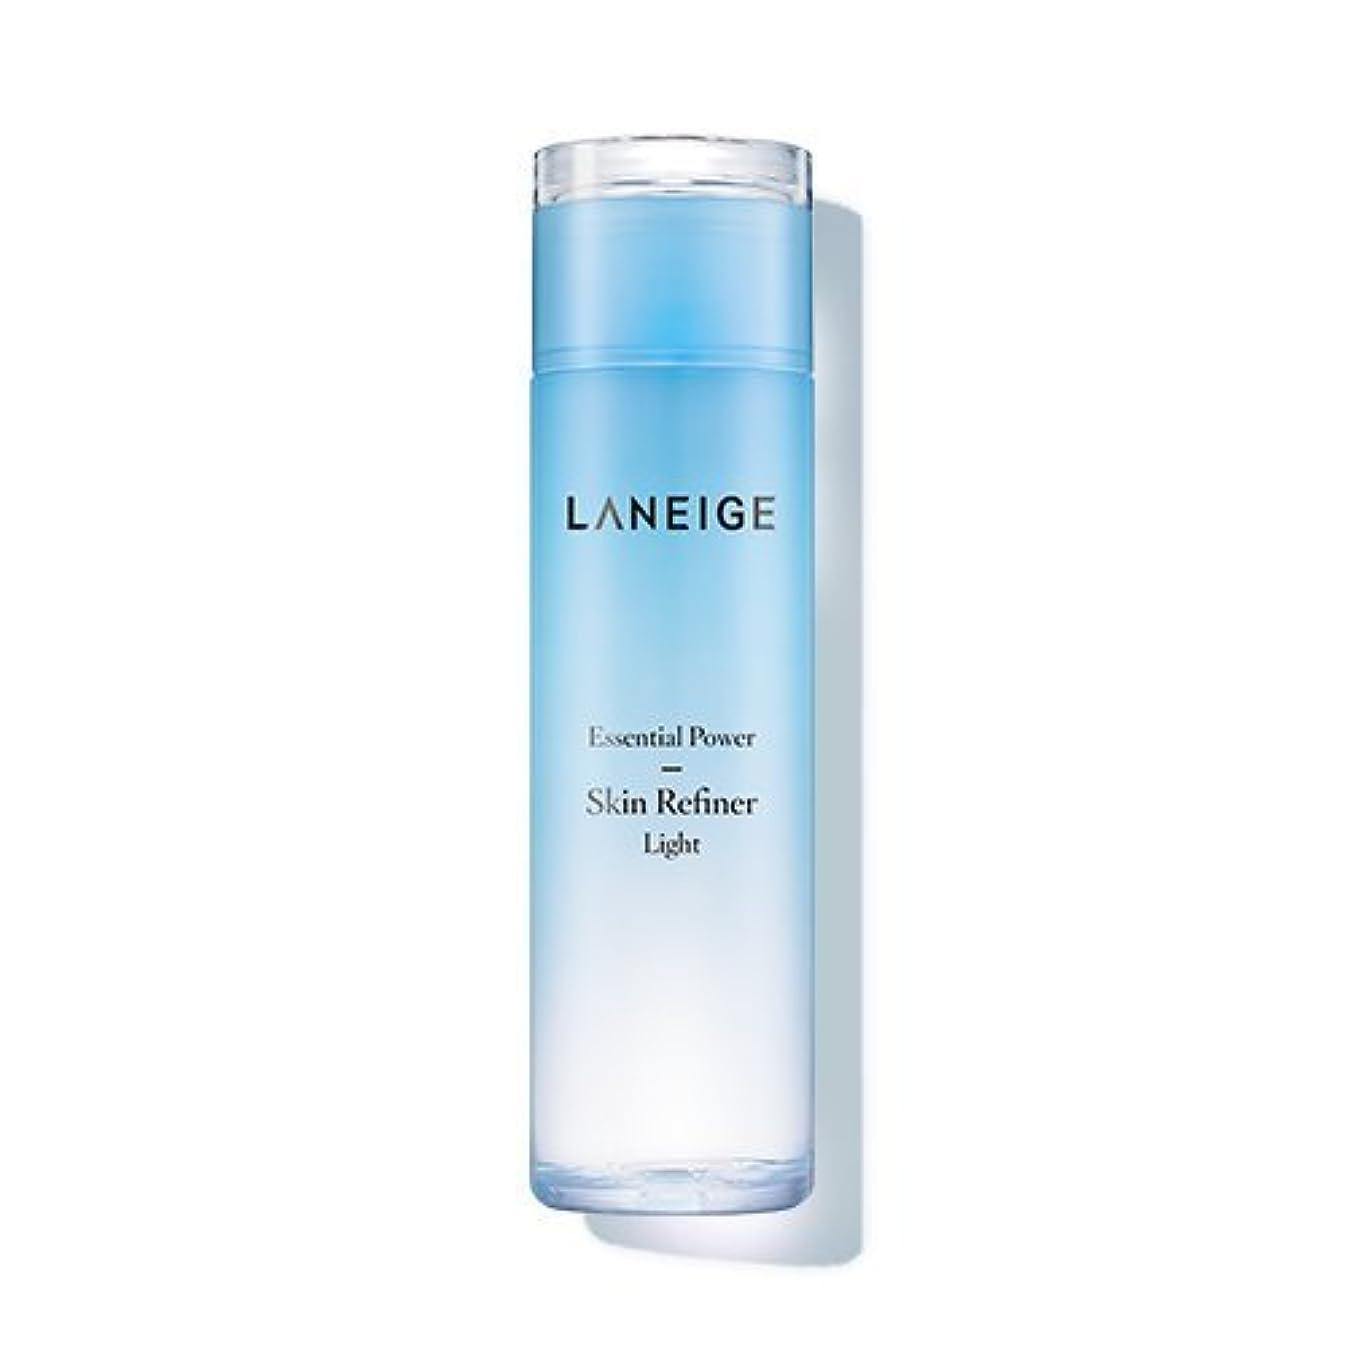 引っ張る記念品ビジョンLANEIGE Essential Power Skin Refiner Light 200ml/ラネージュ エッセンシャル パワー スキン リファイナー ライト 200ml [並行輸入品]